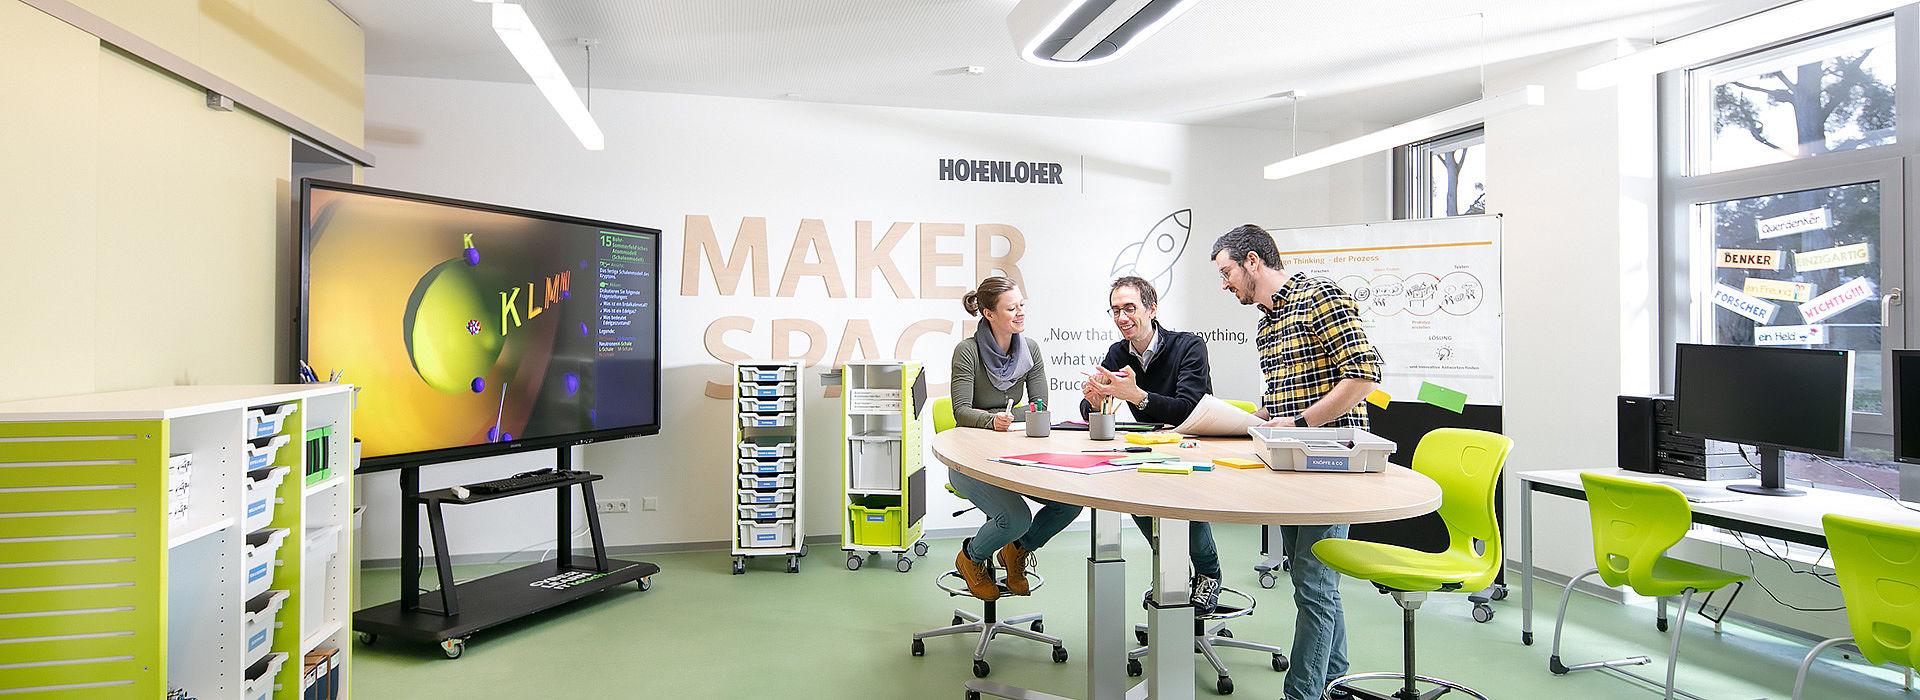 Bild: Design Thinking im Makerspace